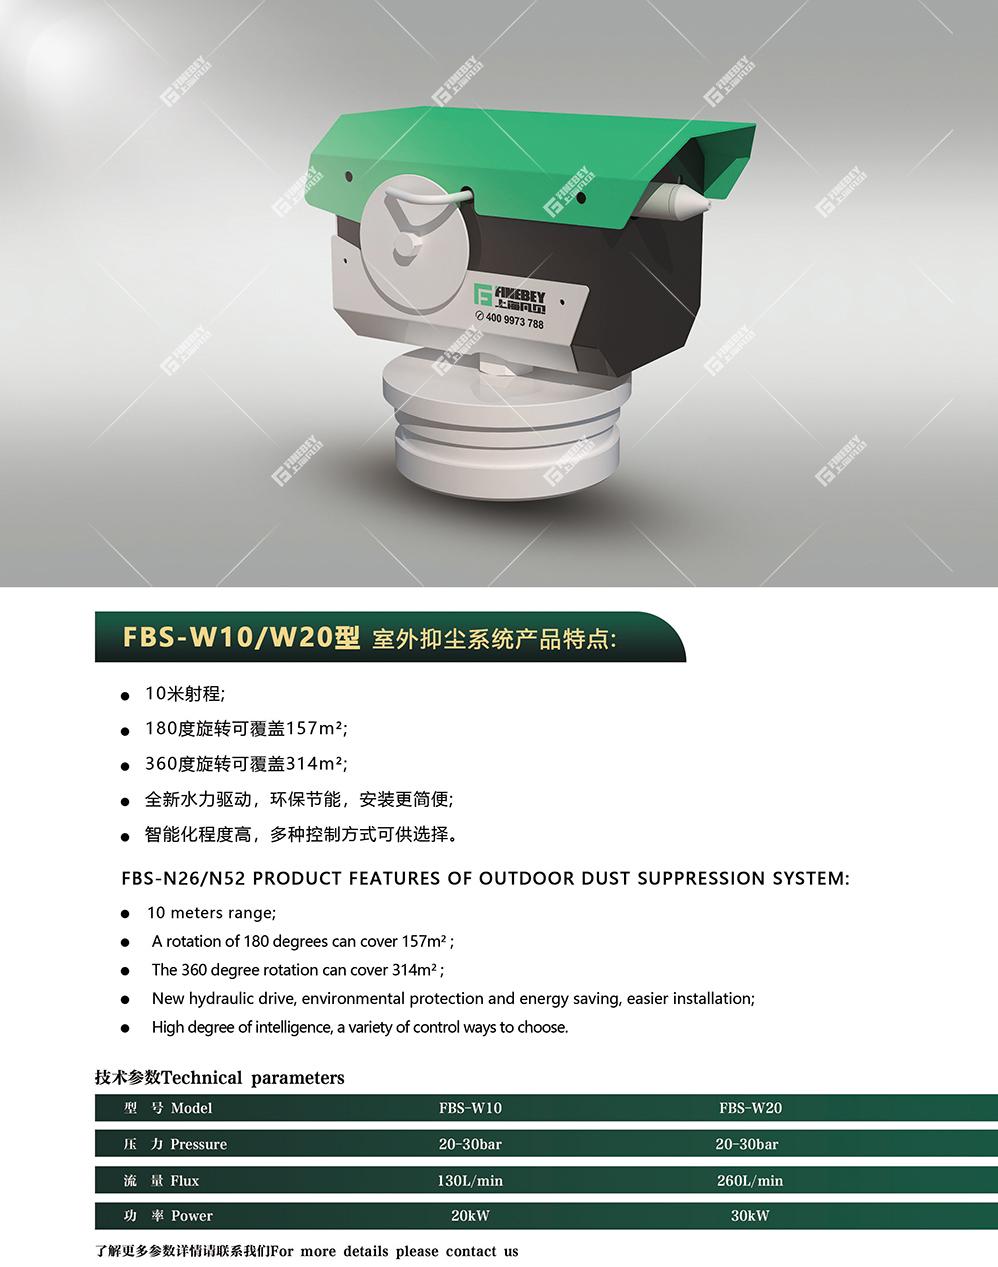 飞雾抑尘系统FBS-W10/W20